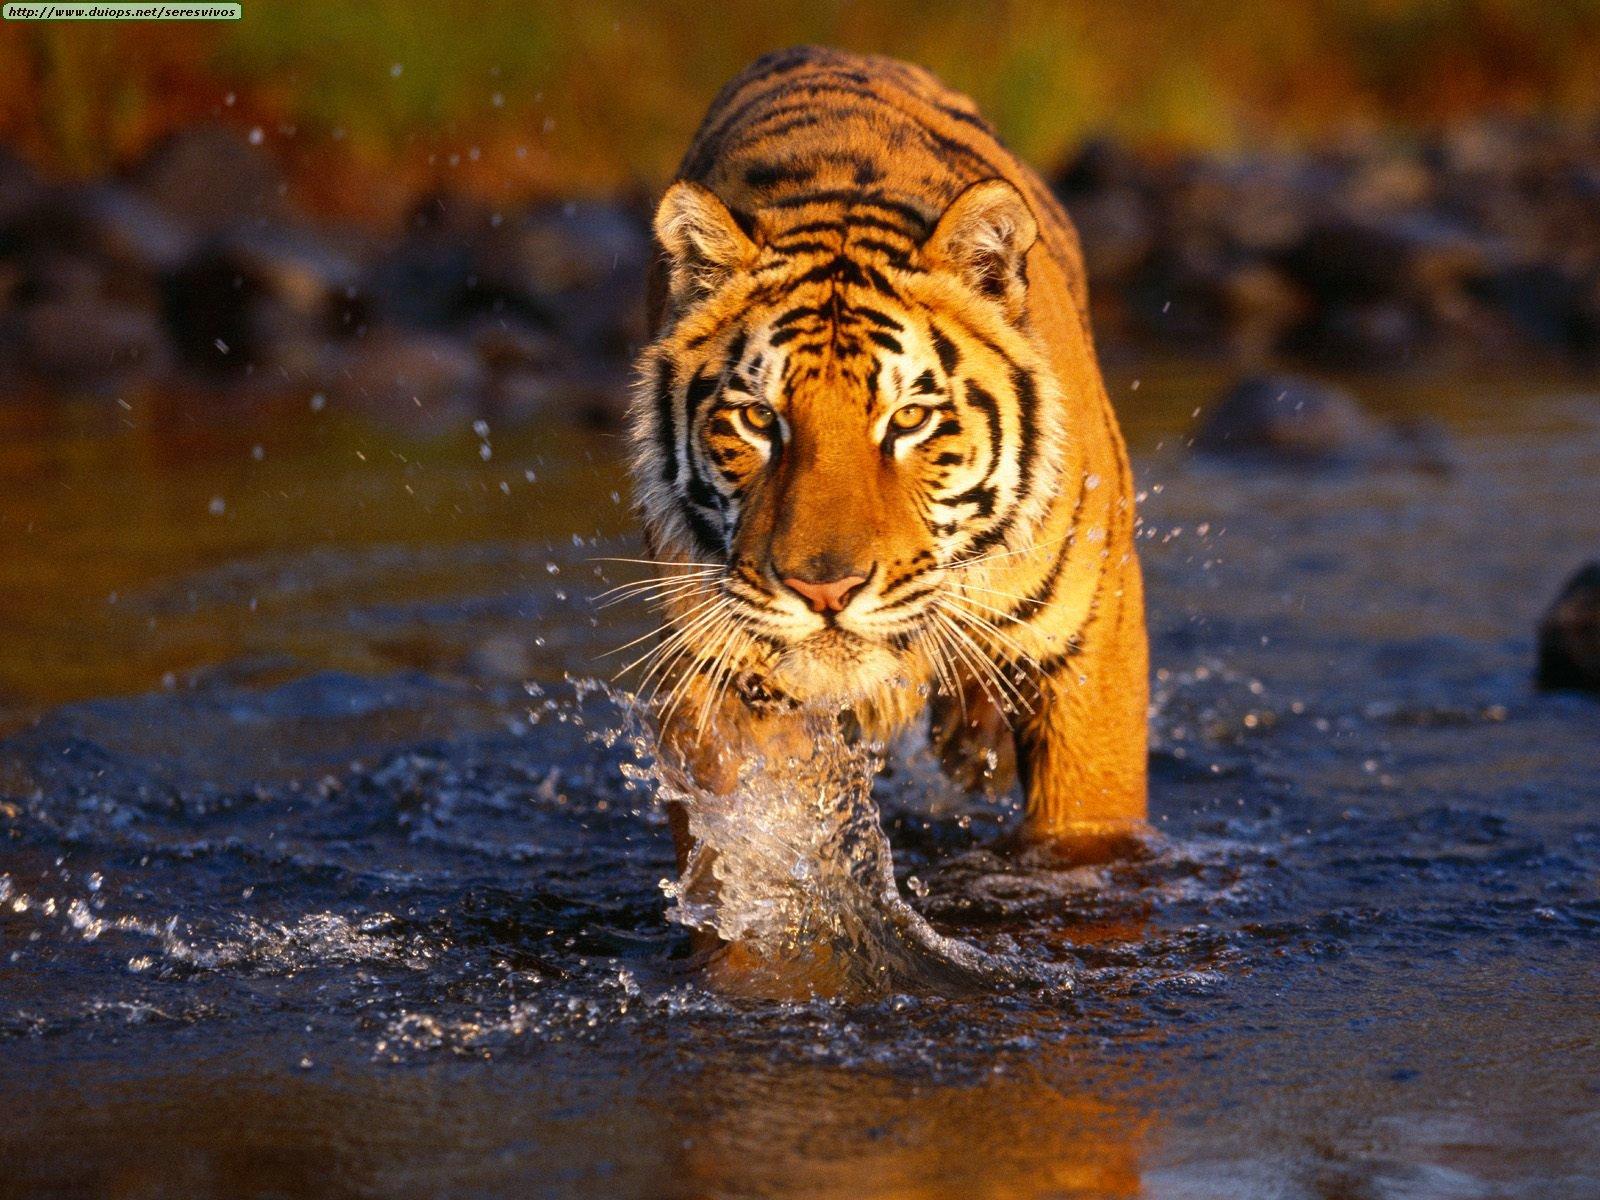 http://4.bp.blogspot.com/_H2A9a9jDeYc/TGyrpVlQTJI/AAAAAAAAAYw/Ei3-3JCq--c/s1600/Creek+Crossing,+Bengal+Tiger.jpg